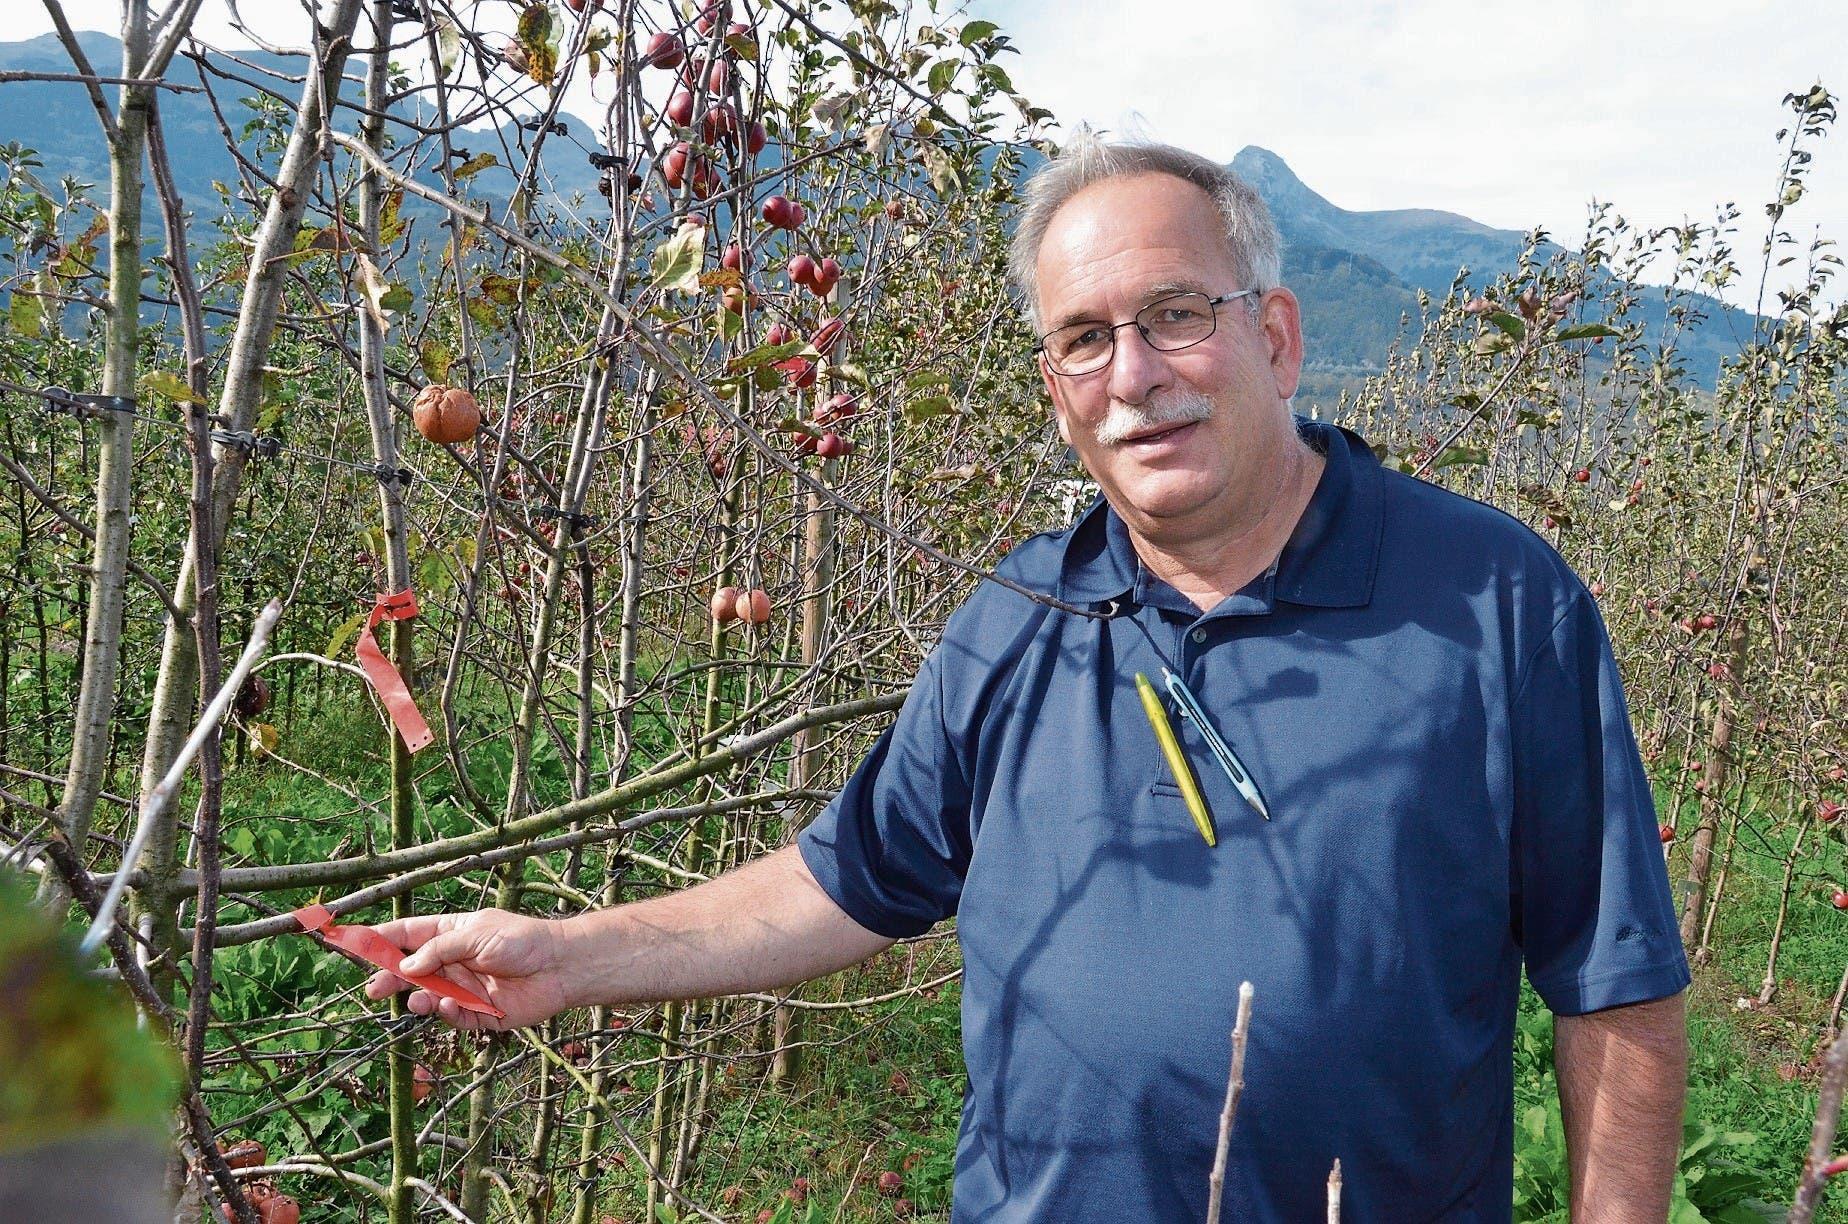 Die Selektion von Pflanzen, mit denen weitergezüchtet wird (im Bild die Apfelbäume mit roter Etikette), gehört zu den Hauptaufgaben von Markus Kobelt, Inhaber und Gründer von Lubera. (Bild: Bilder: Katharina Rutz)